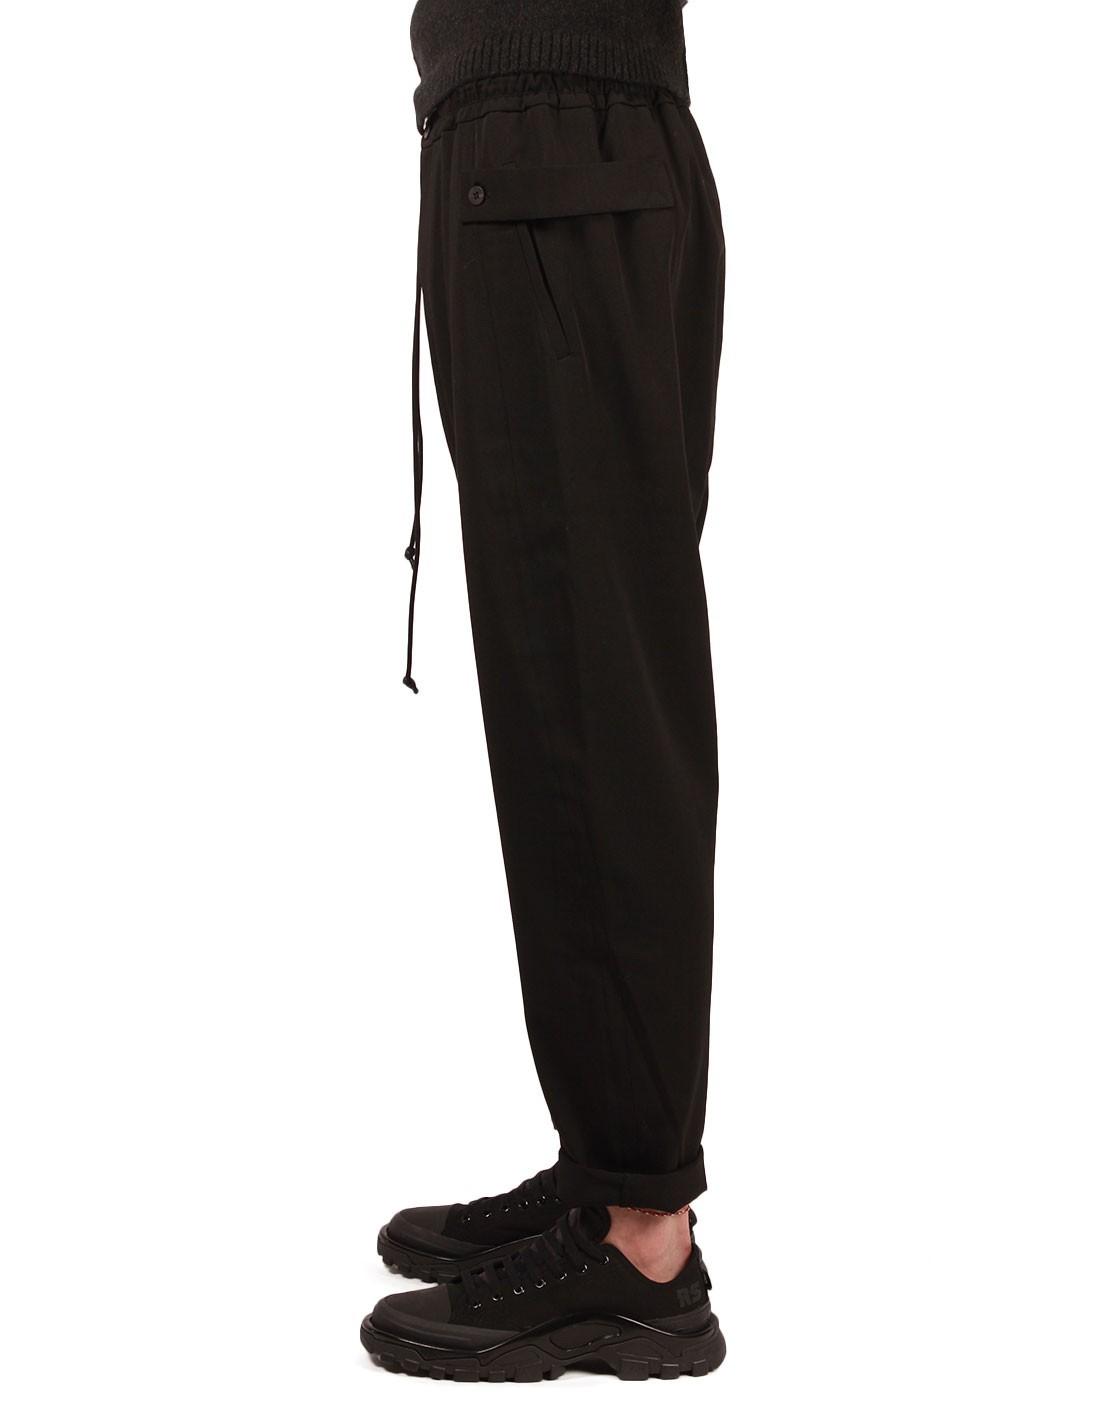 pantalon isabel benenato coupe carotte en laine noire pour homme hiver 2018. Black Bedroom Furniture Sets. Home Design Ideas